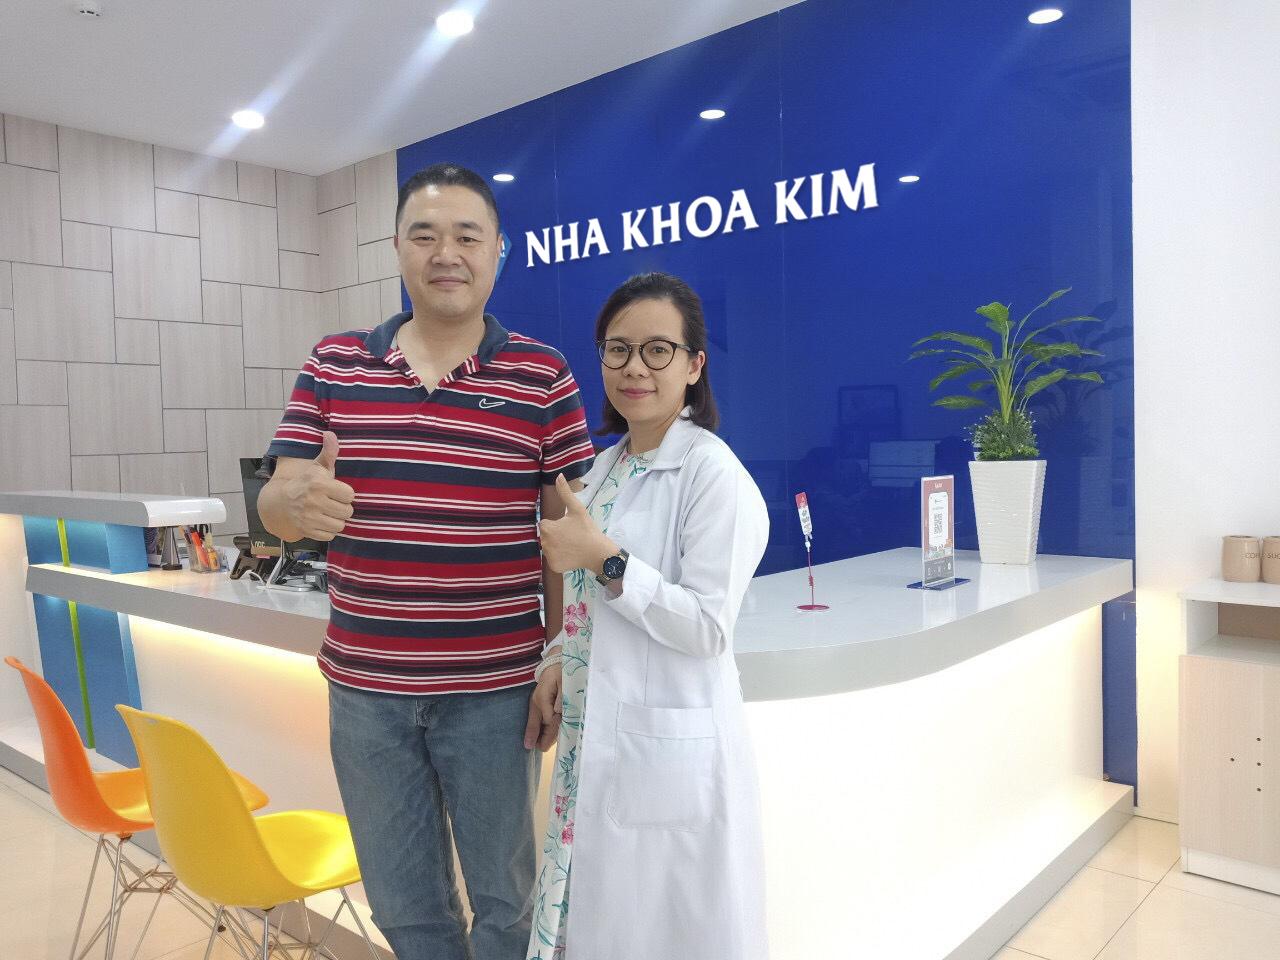 Nhiều khách hàng trong và ngoài nướchài lòng với chất lượng dịch vụchuẩn quốc tế của Nha khoa Kim.